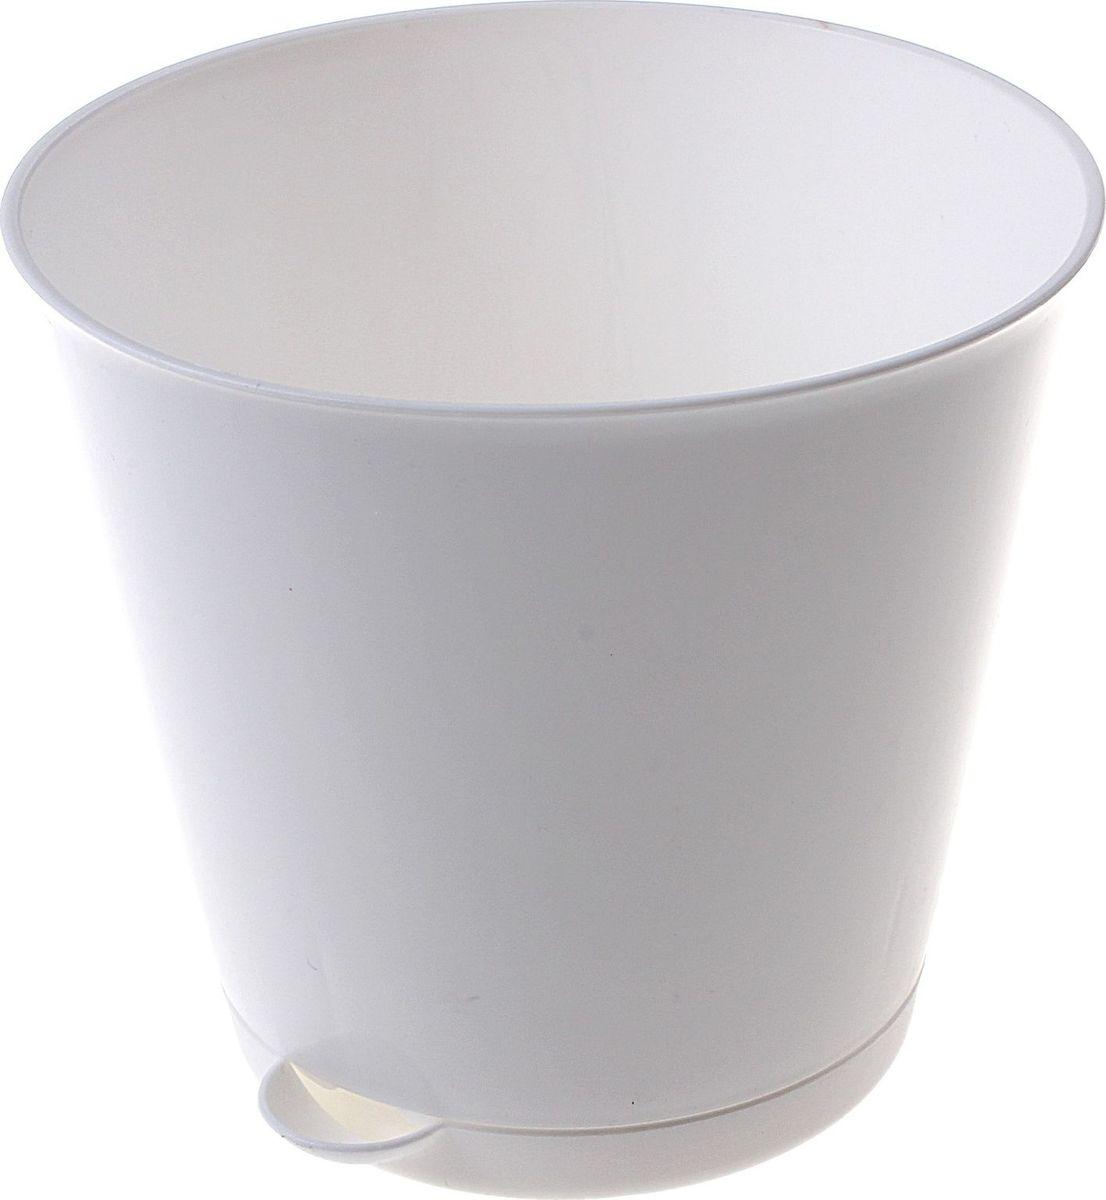 Горшок для цветов InGreen Крит, с системой прикорневого полива, цвет: белый, 700 мл612701Цветочный горшок «Крит» - это поиск нового, в основе которого лежит целесообразность. Горшок лаконичный и богат яркими цветовыми решениями, отличается функциональностью. Специальная конструкция обеспечивает вентиляцию в корневой системе растения, а дренажная решетка позволяет выходить лишней влаге из почвы. Крепежные отверстия и штыри прочно крепят подставку к горшку. Прикорневой полив растения осуществляется через удобный носик.